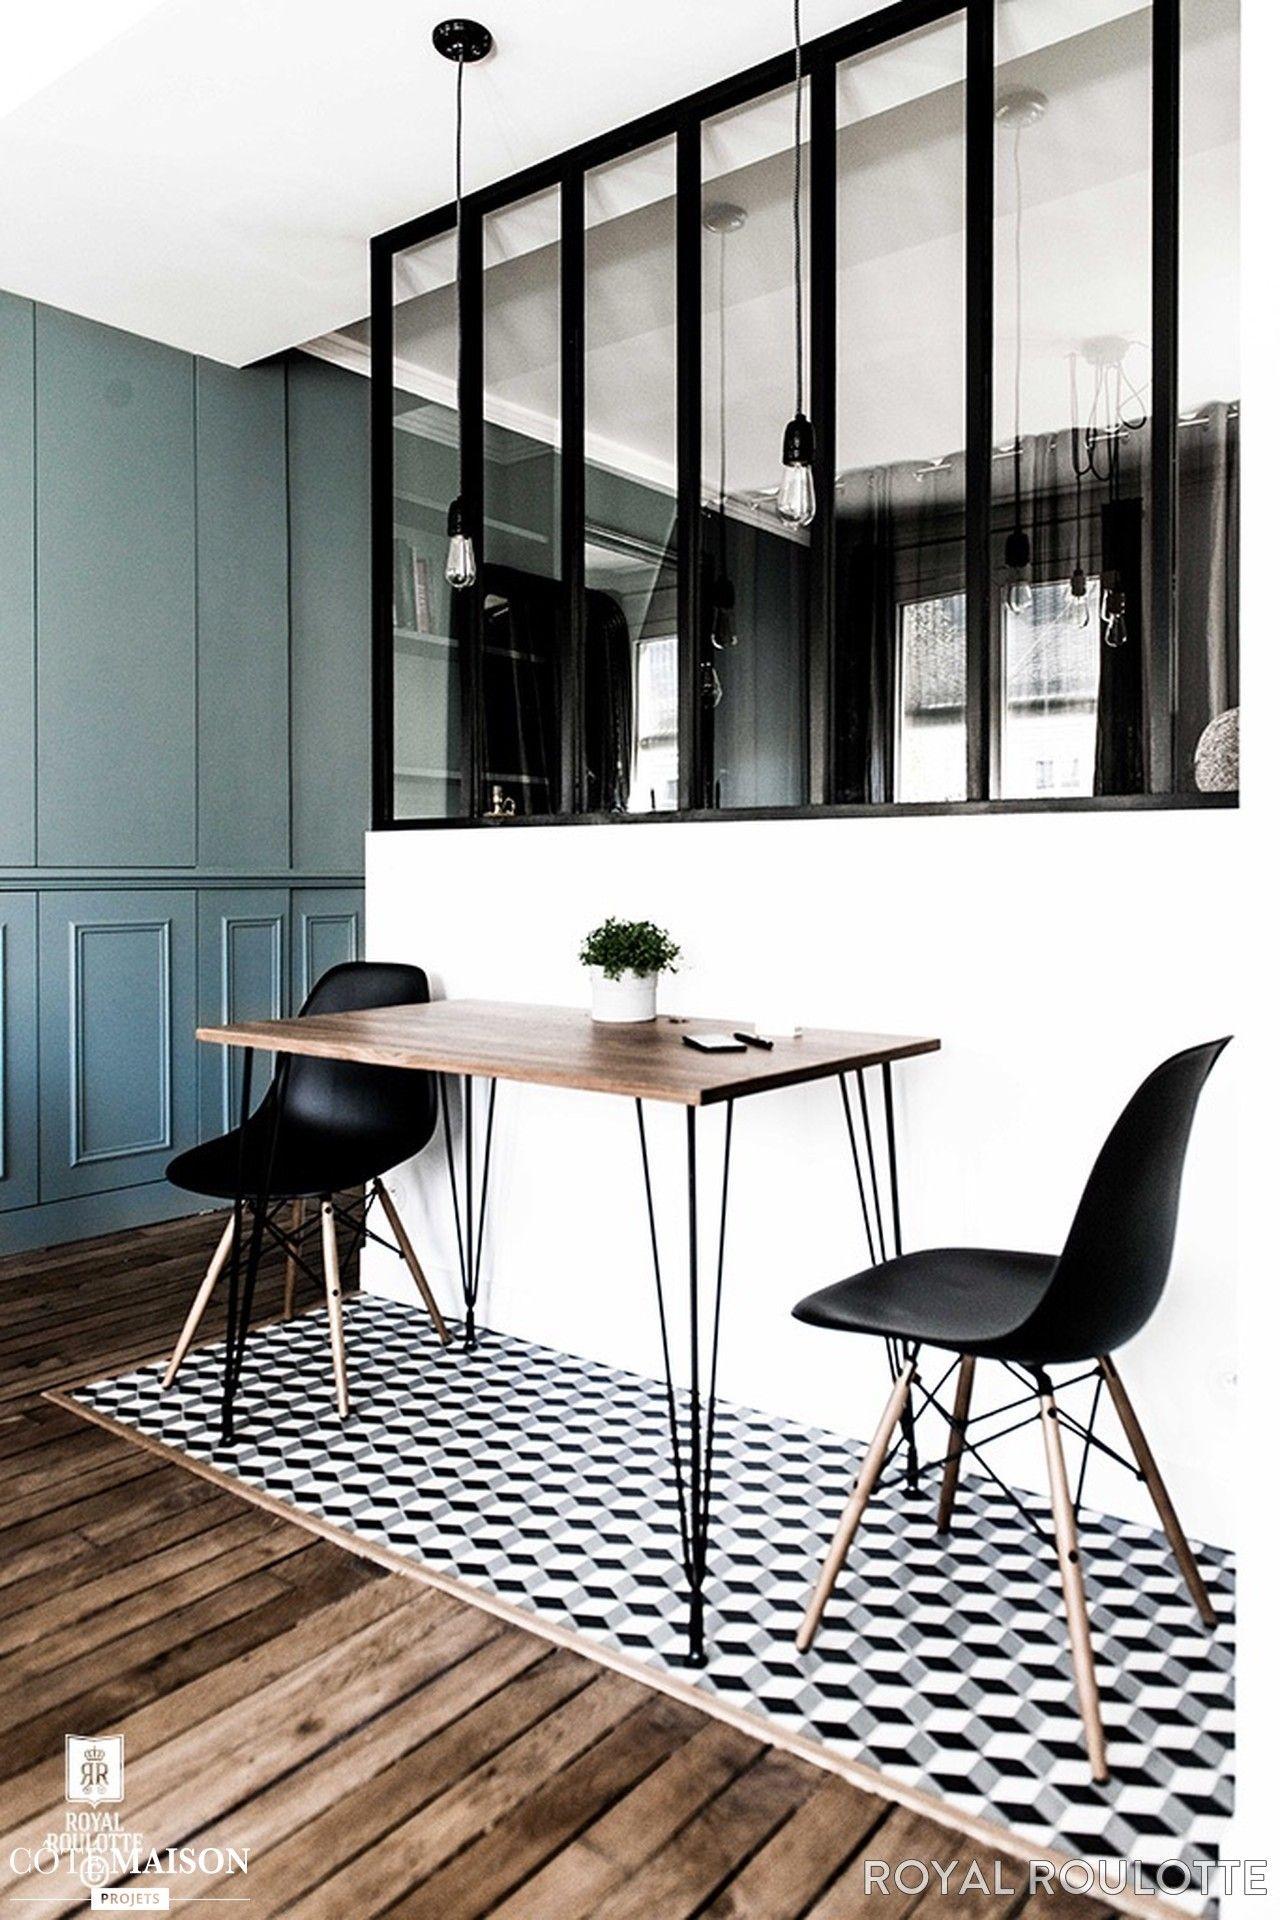 voici les images de l appartement de vincent termin. Black Bedroom Furniture Sets. Home Design Ideas